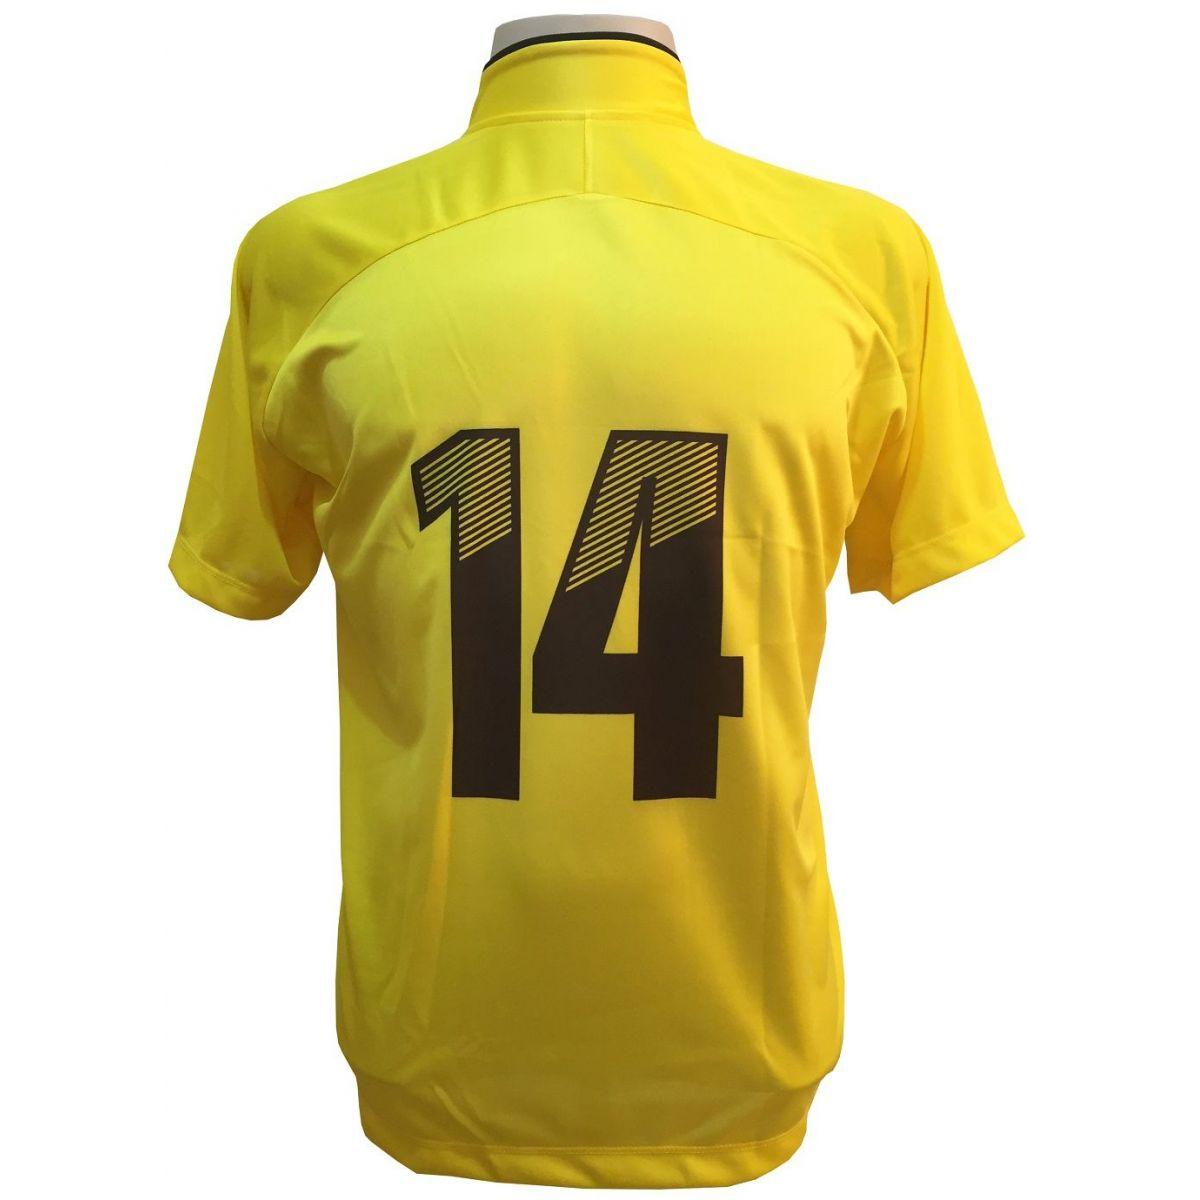 Uniforme Esportivo com 12 Camisas modelo City Amarelo/Preto + 12 Calções modelo Madrid Amarelo + 12 Pares de meiões Amarelo